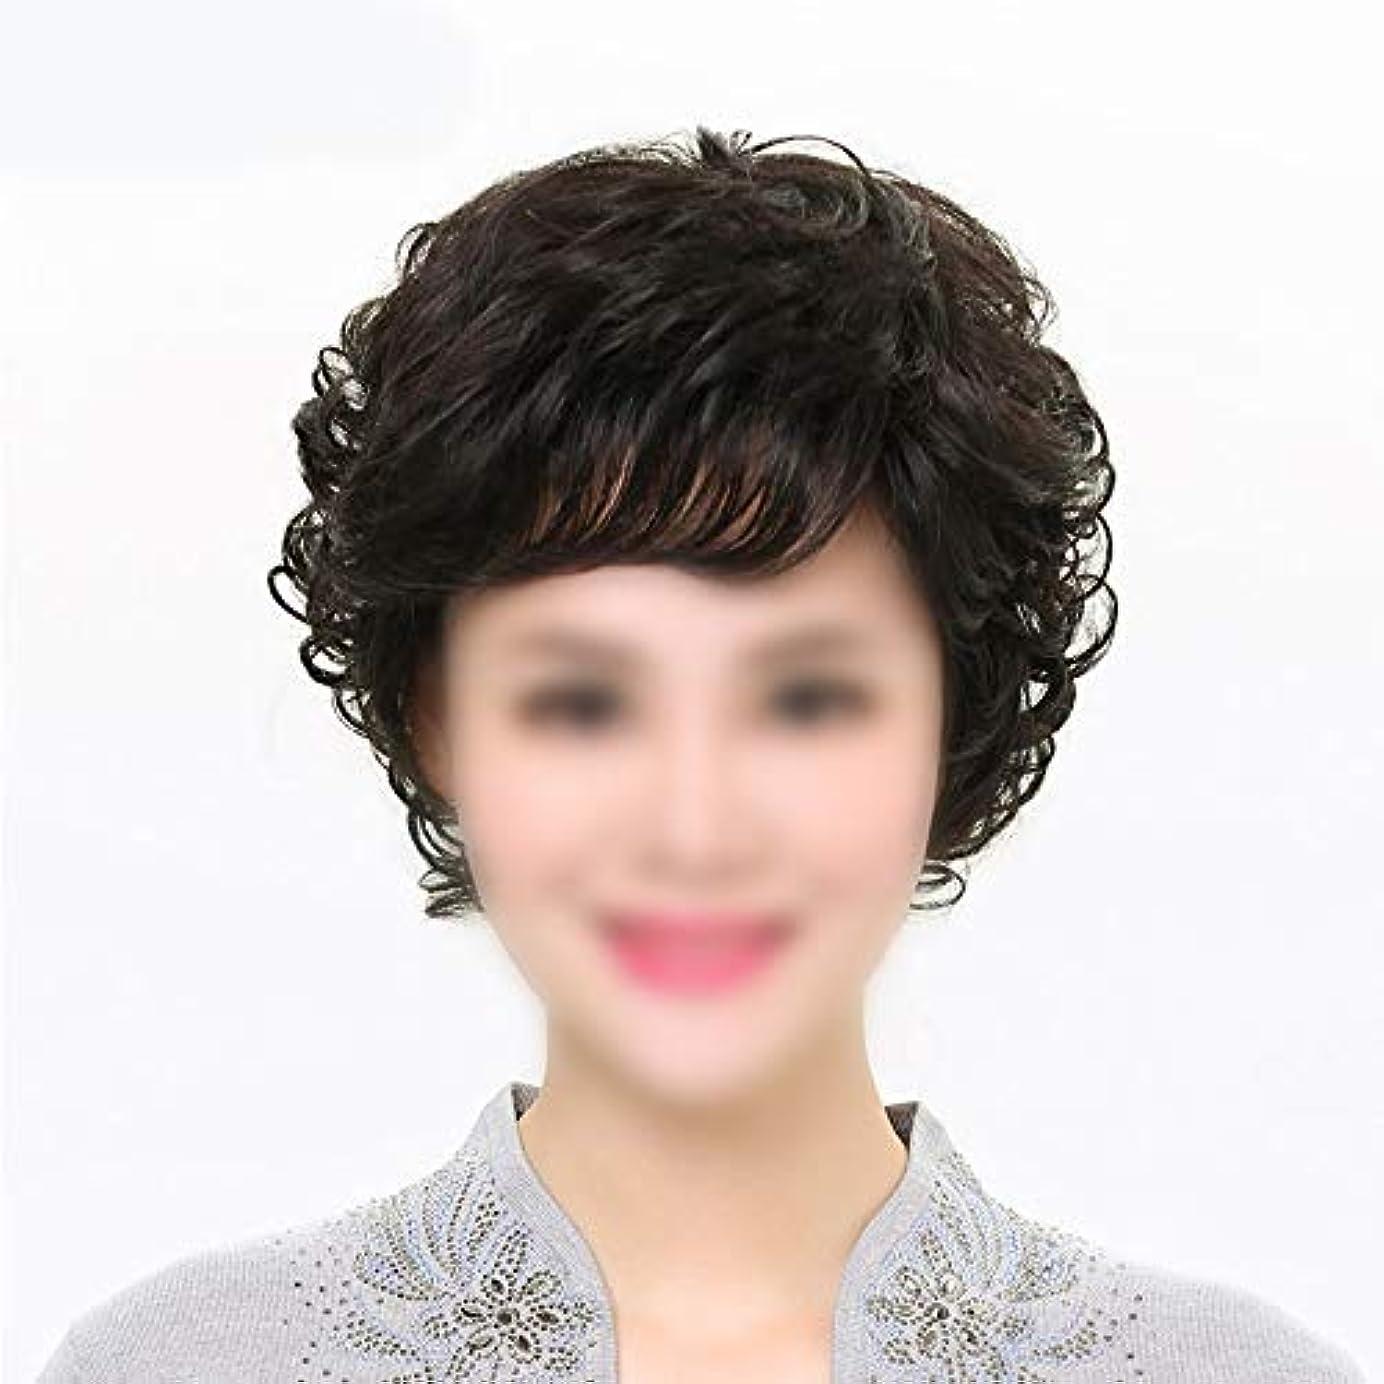 バイオレット割り当てる業界YOUQIU 母ヘアウィッグ中年ウィッグウィッグのために前髪を持つ女性の本当の髪のショートカーリーヘア (色 : 黒, Edition : Mechanism)